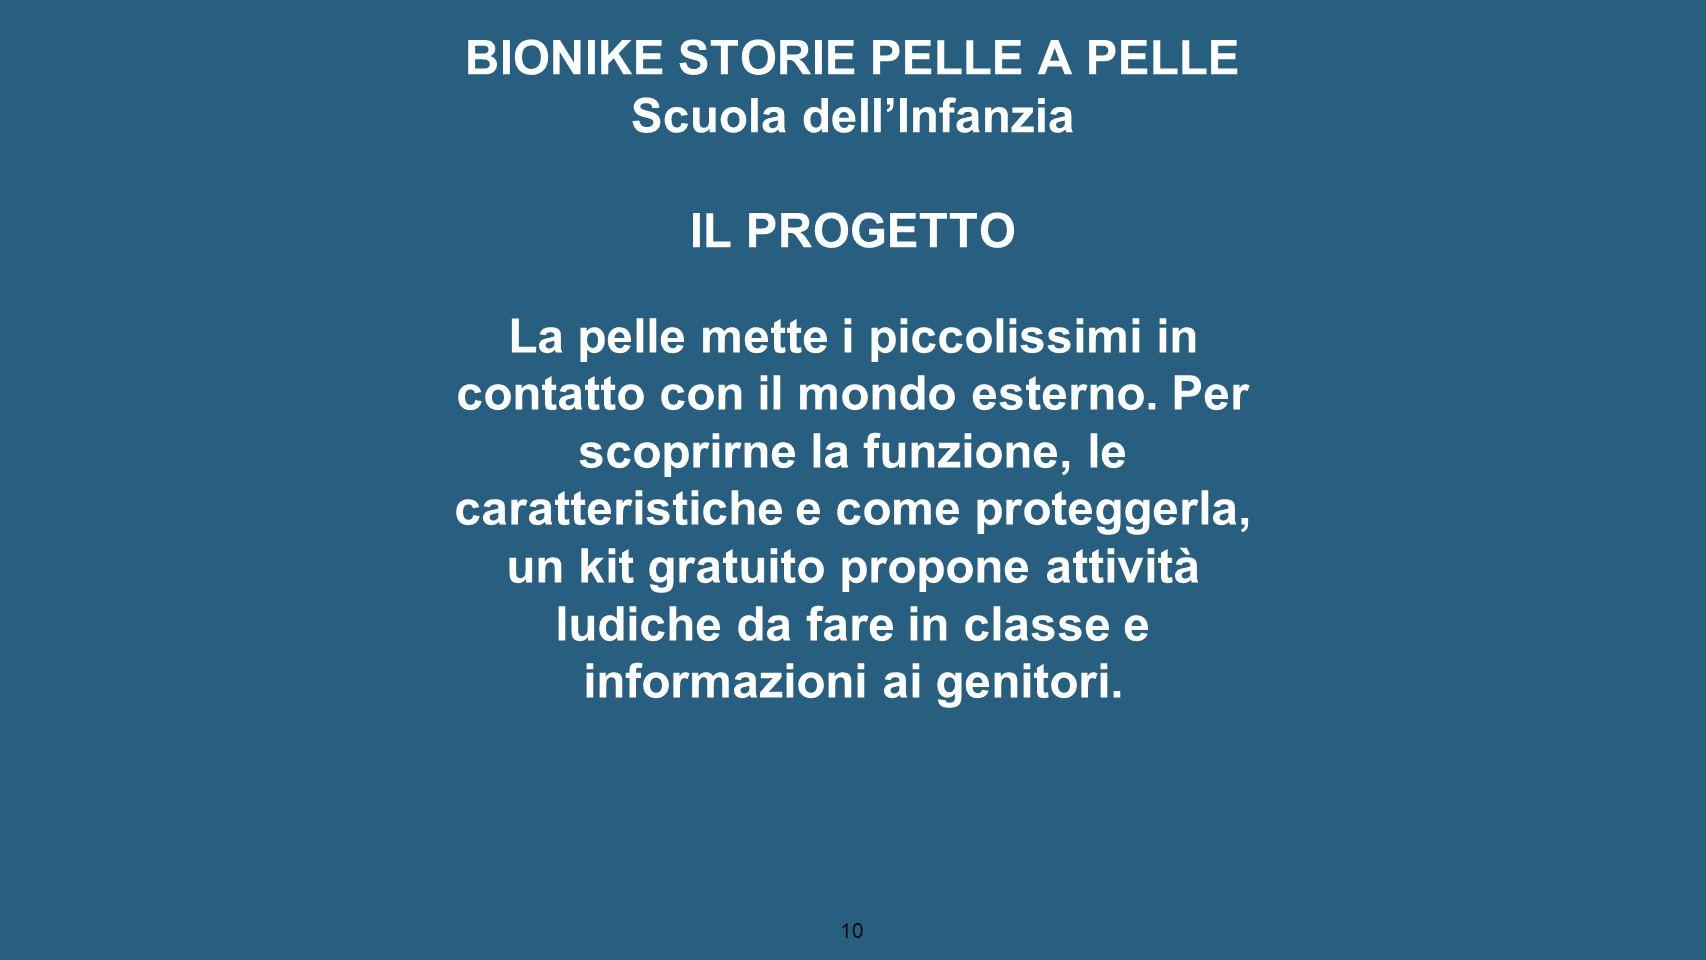 BIONIKE STORIE PELLE A PELLE Scuola dell'Infanzia IL PROGETTO